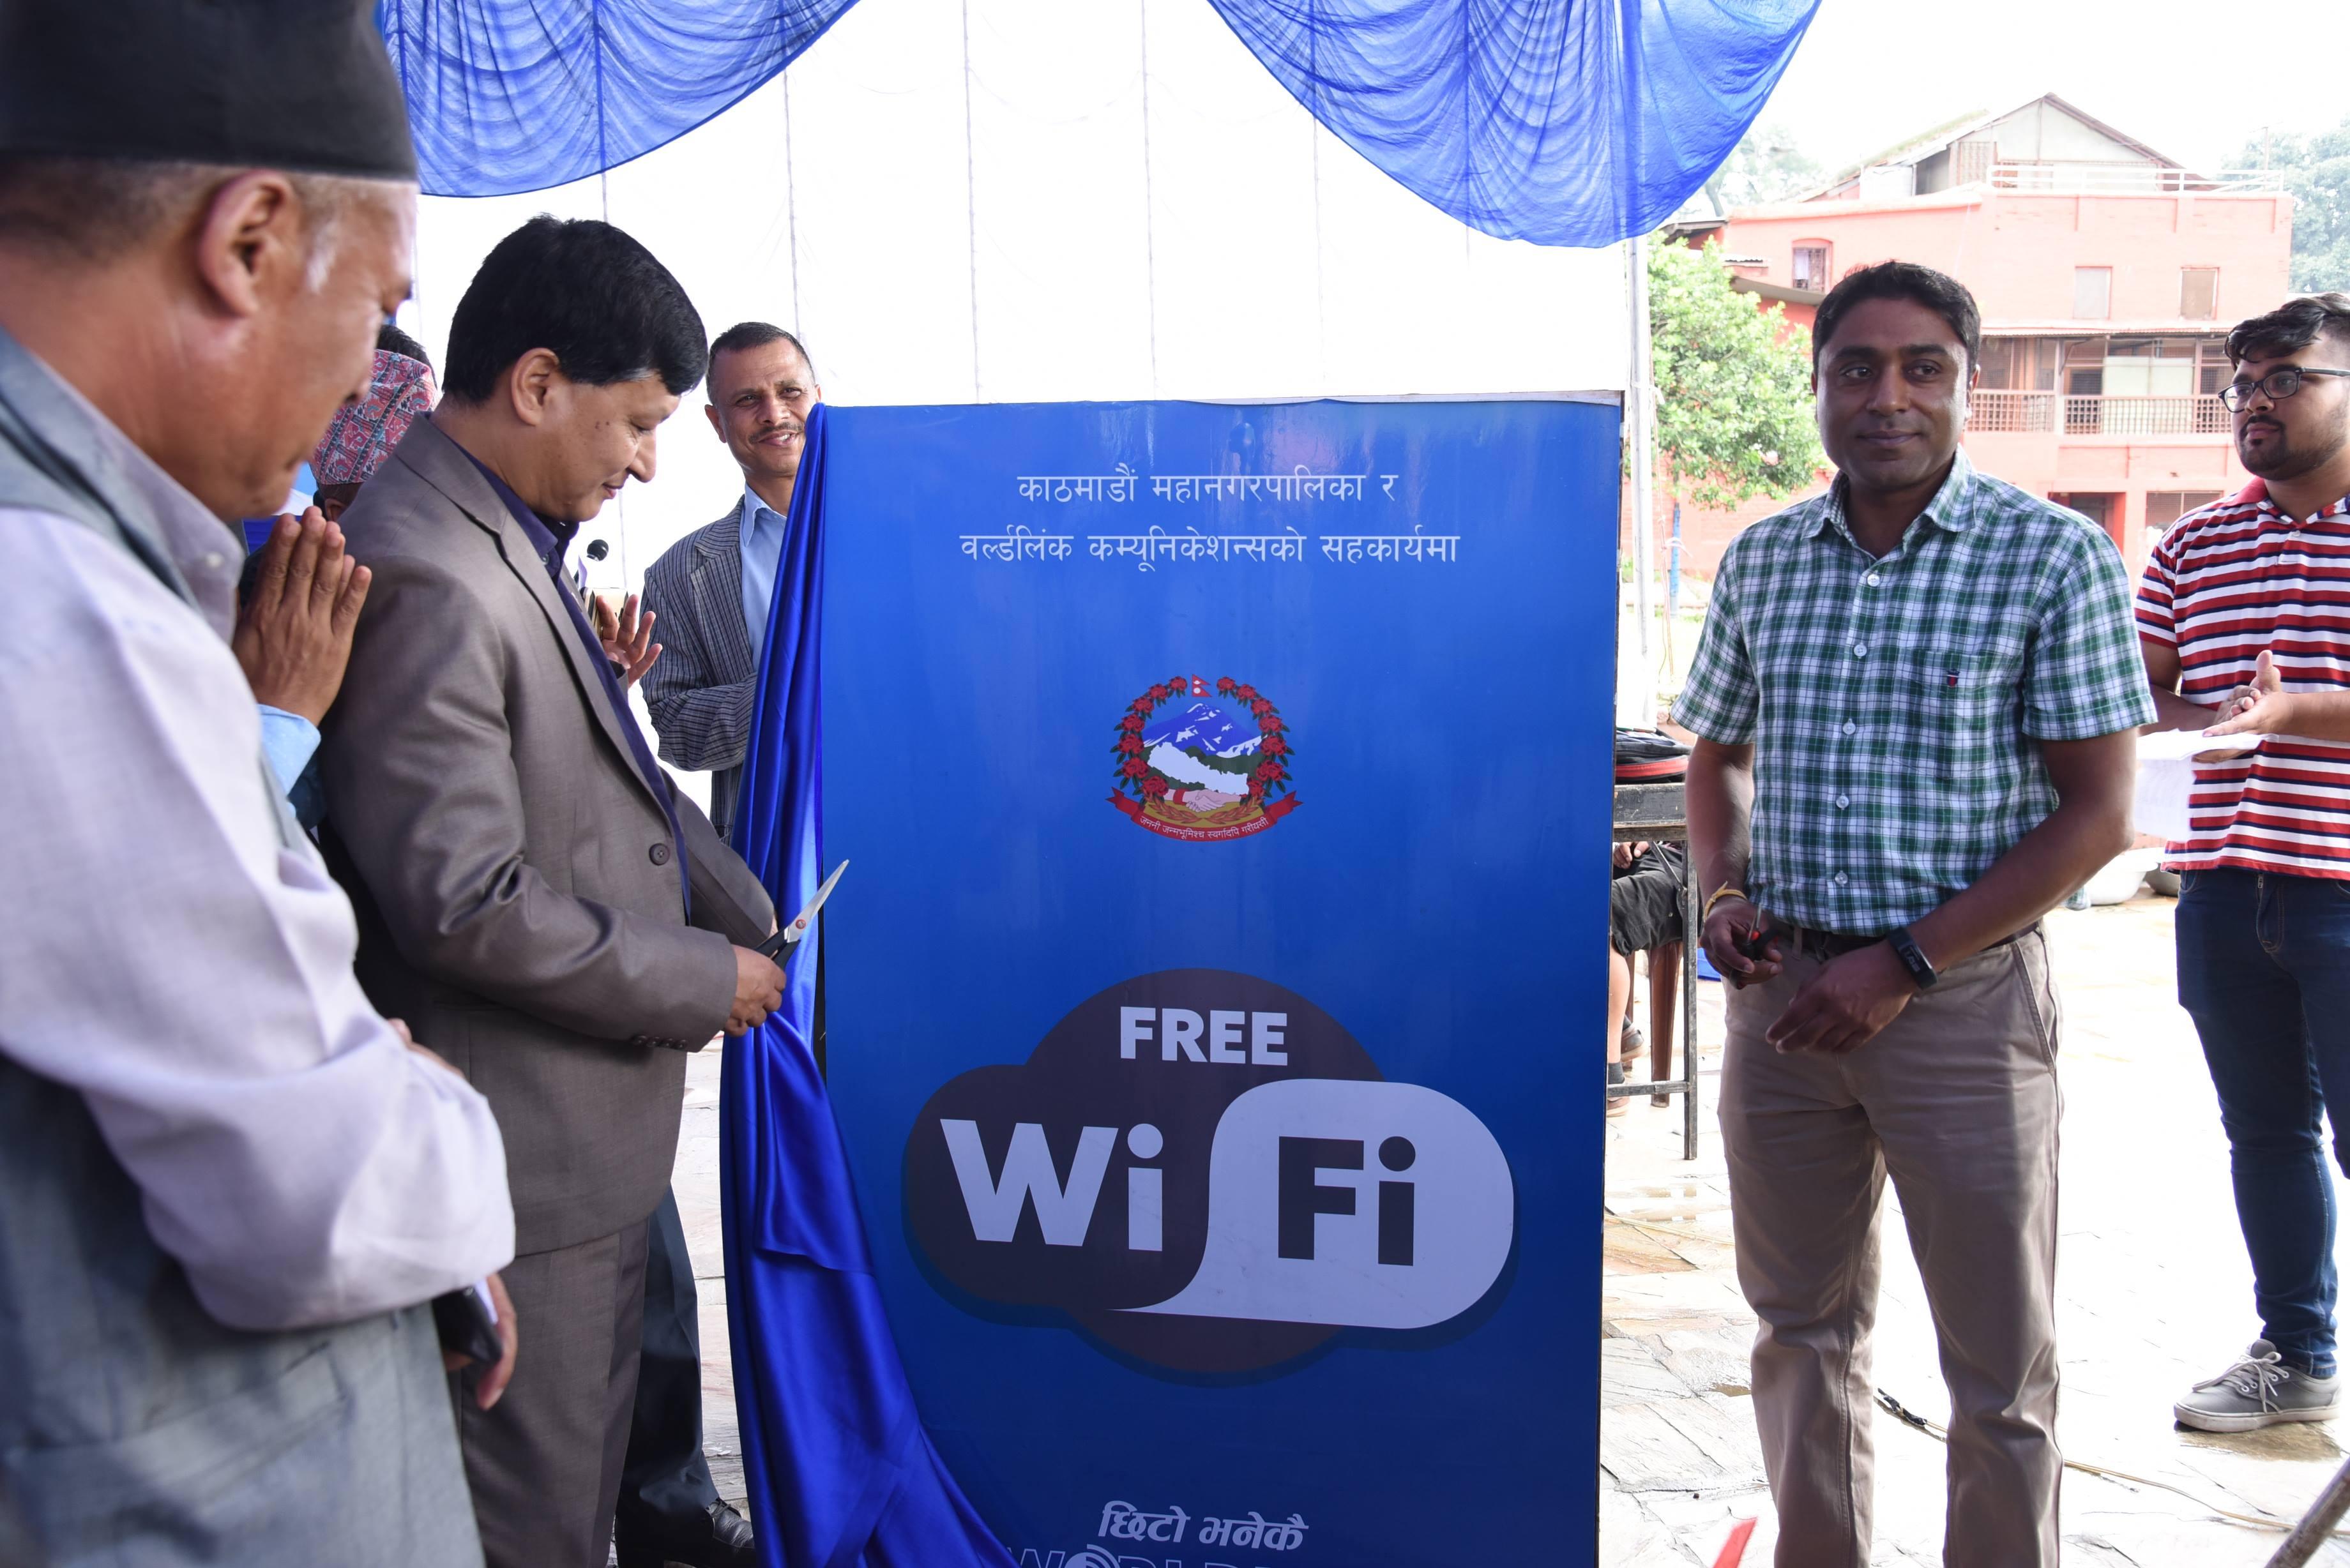 फोन नम्बर दिएपछि काठमाडौंका यी स्थानमा निःशुल्क वाइफाइ, दिनको ३० मिनेटमात्र चलाउन पाइने